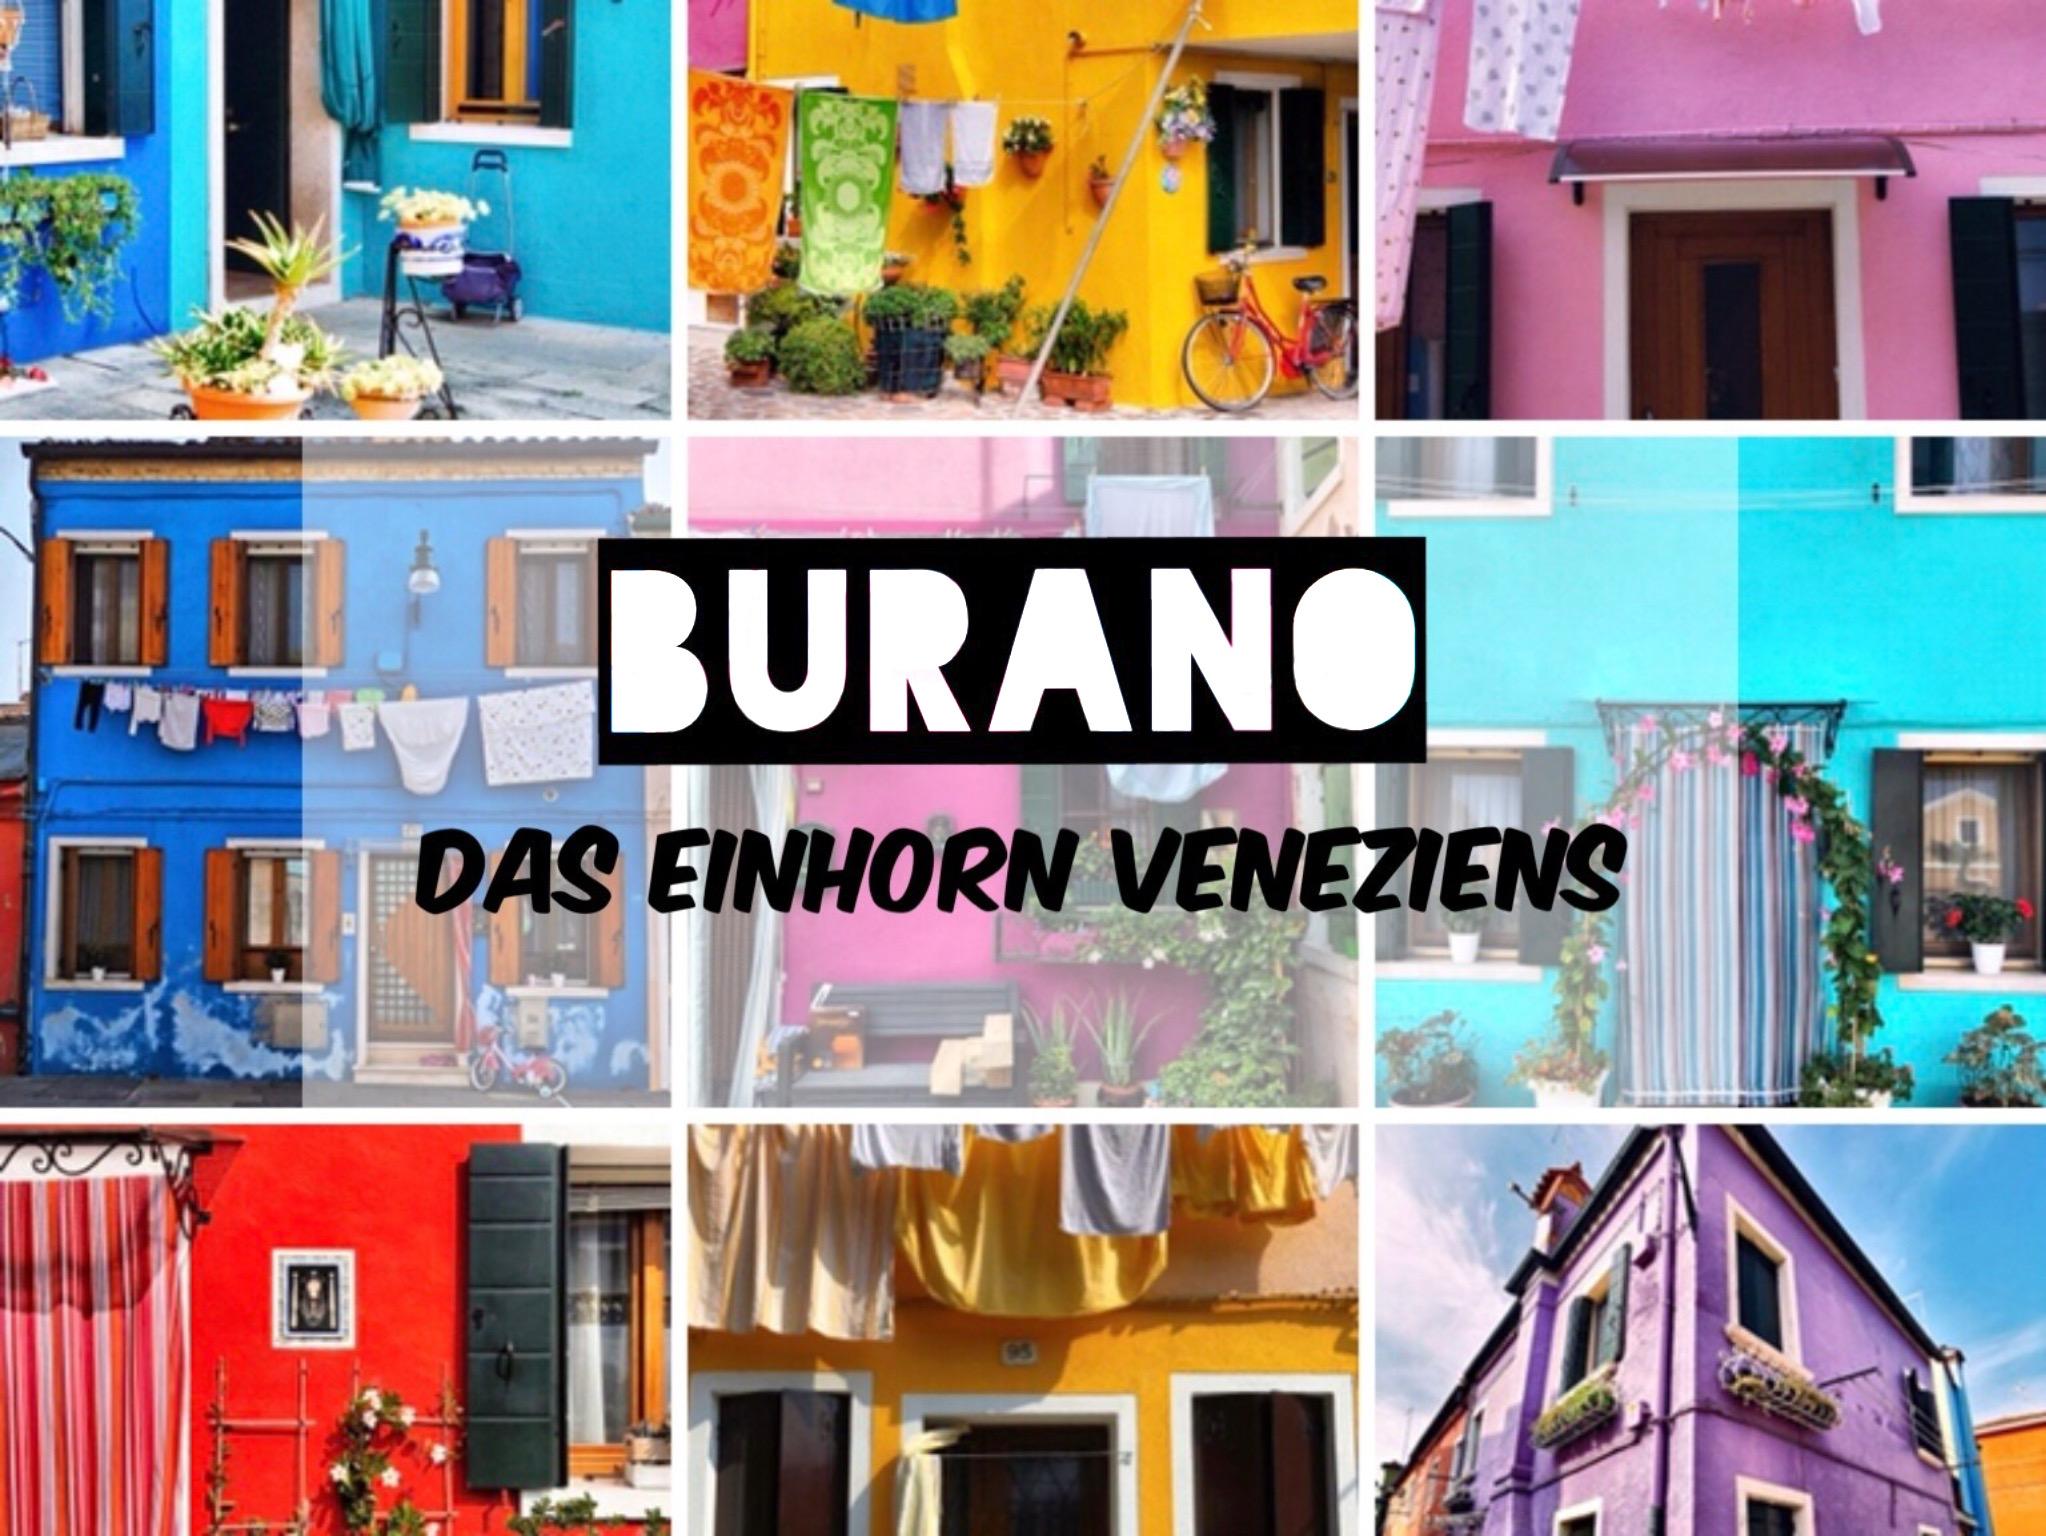 Burano - das Einhorn Venetiens